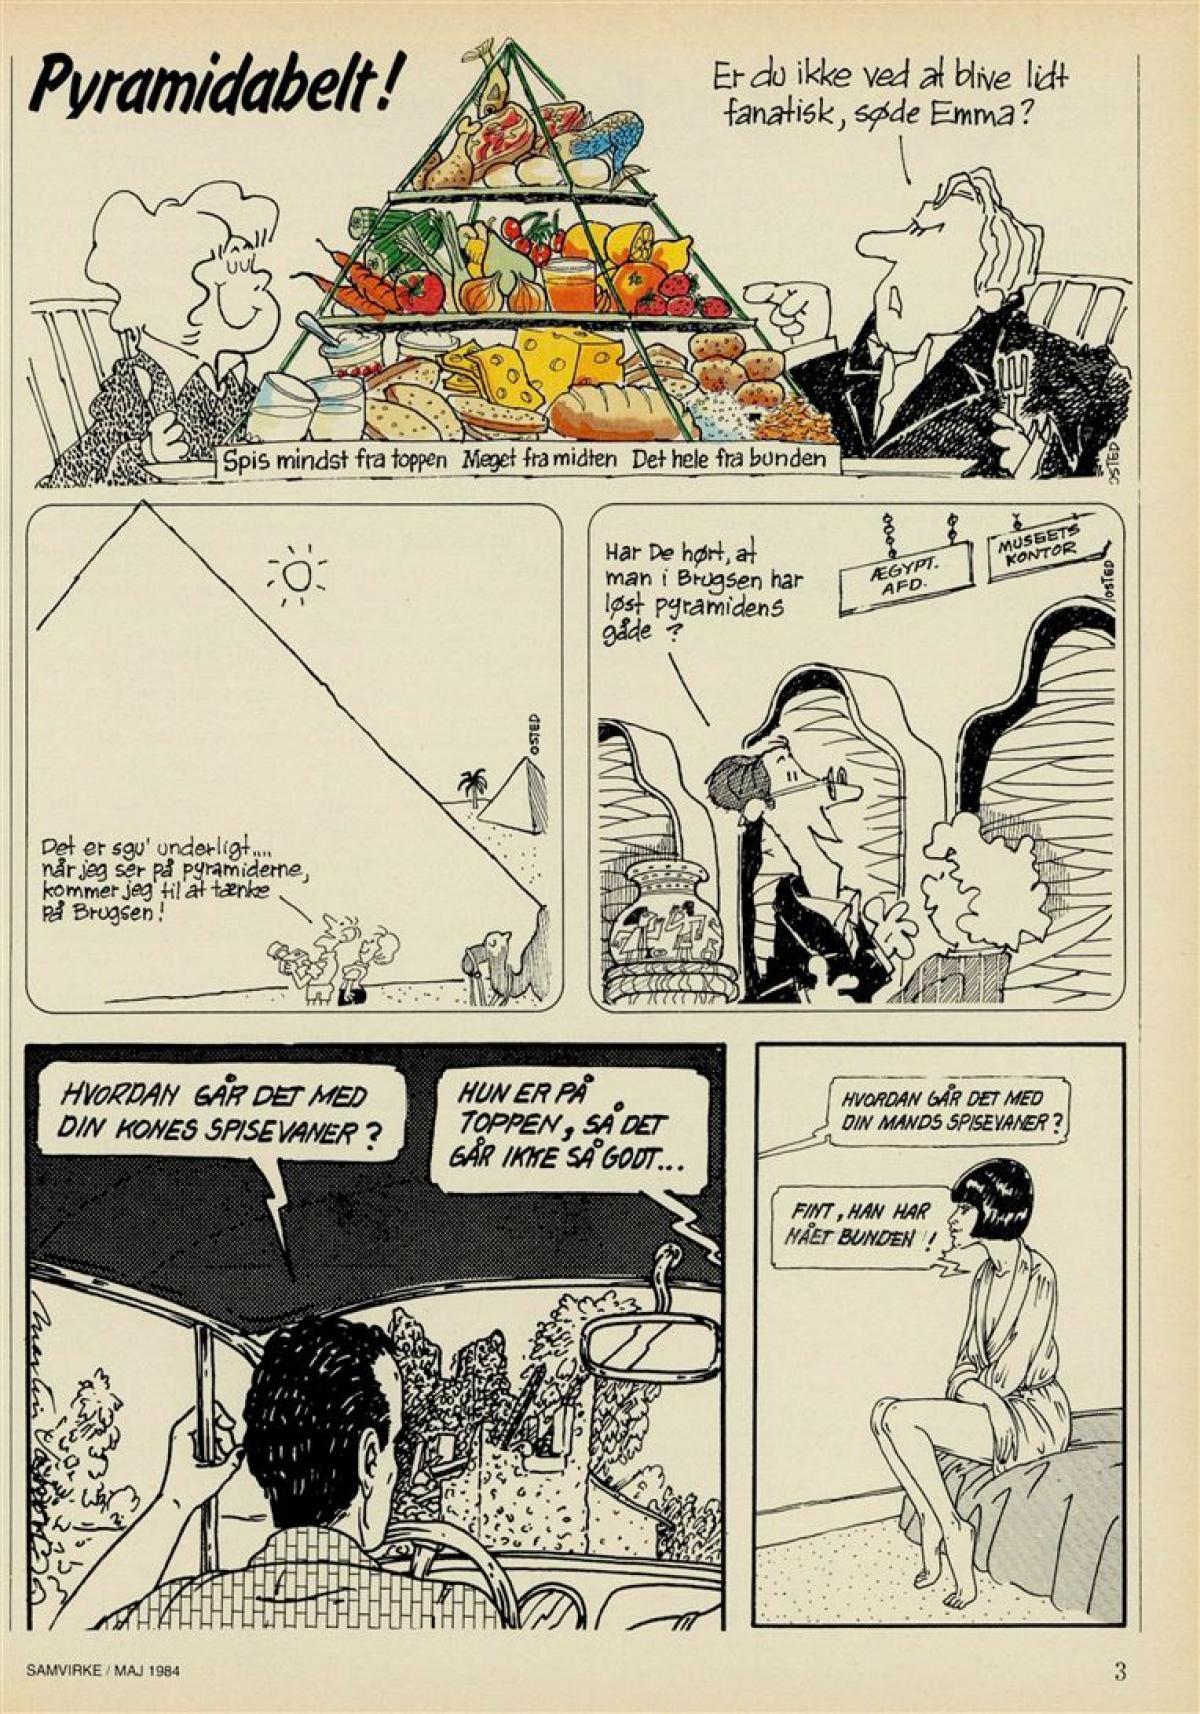 Samvirke | Maj 1984